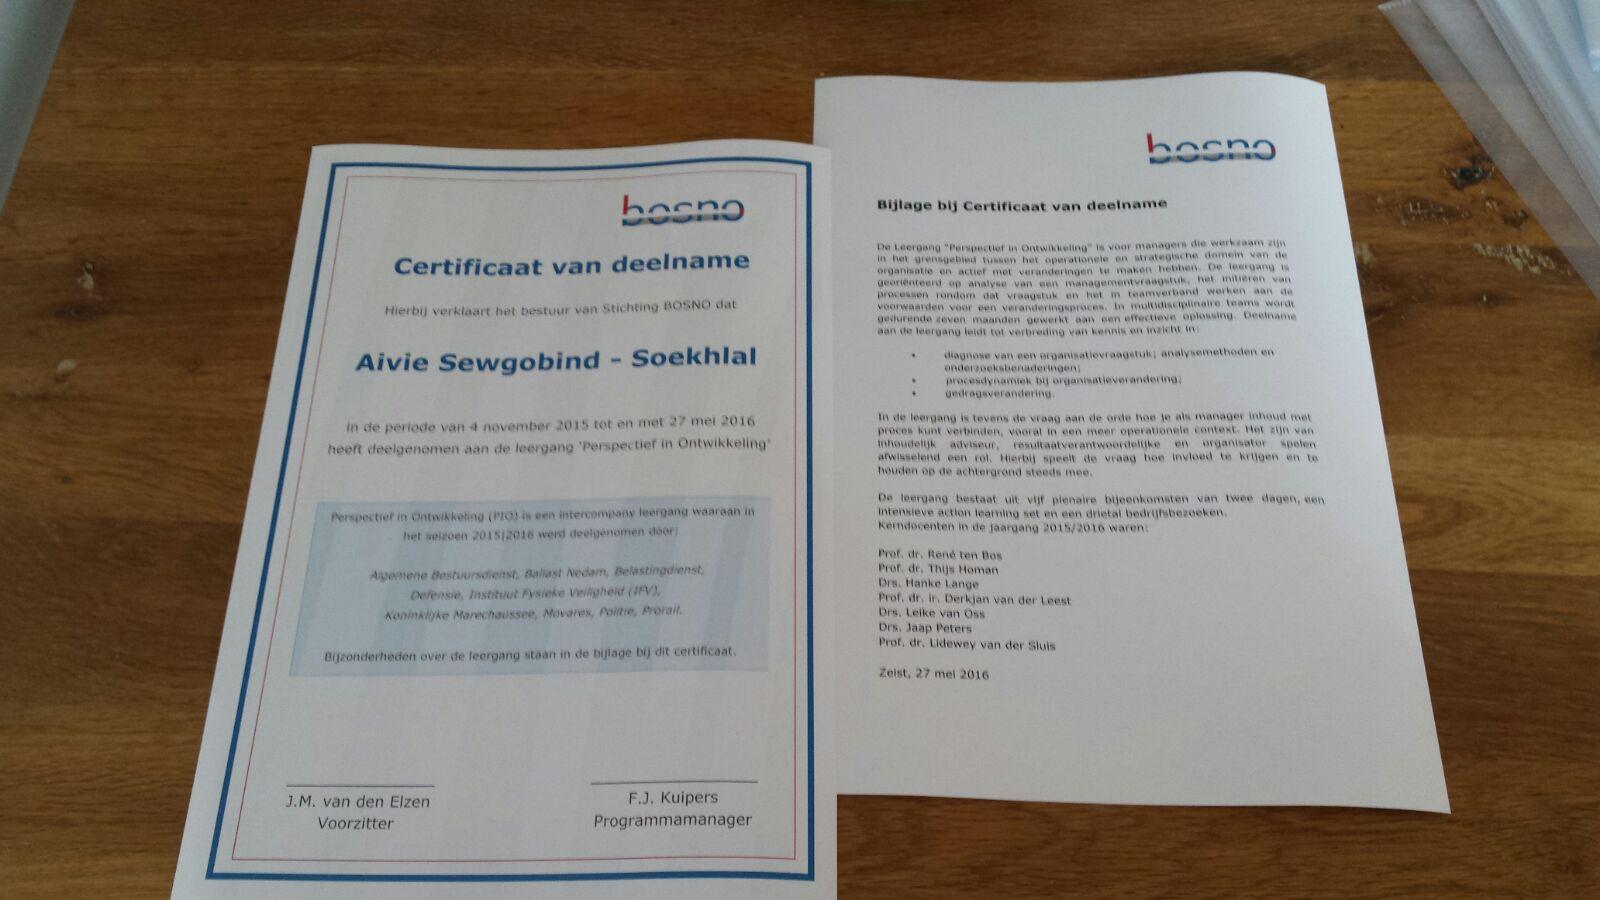 BOSNO certificaten leergang 2015/2016